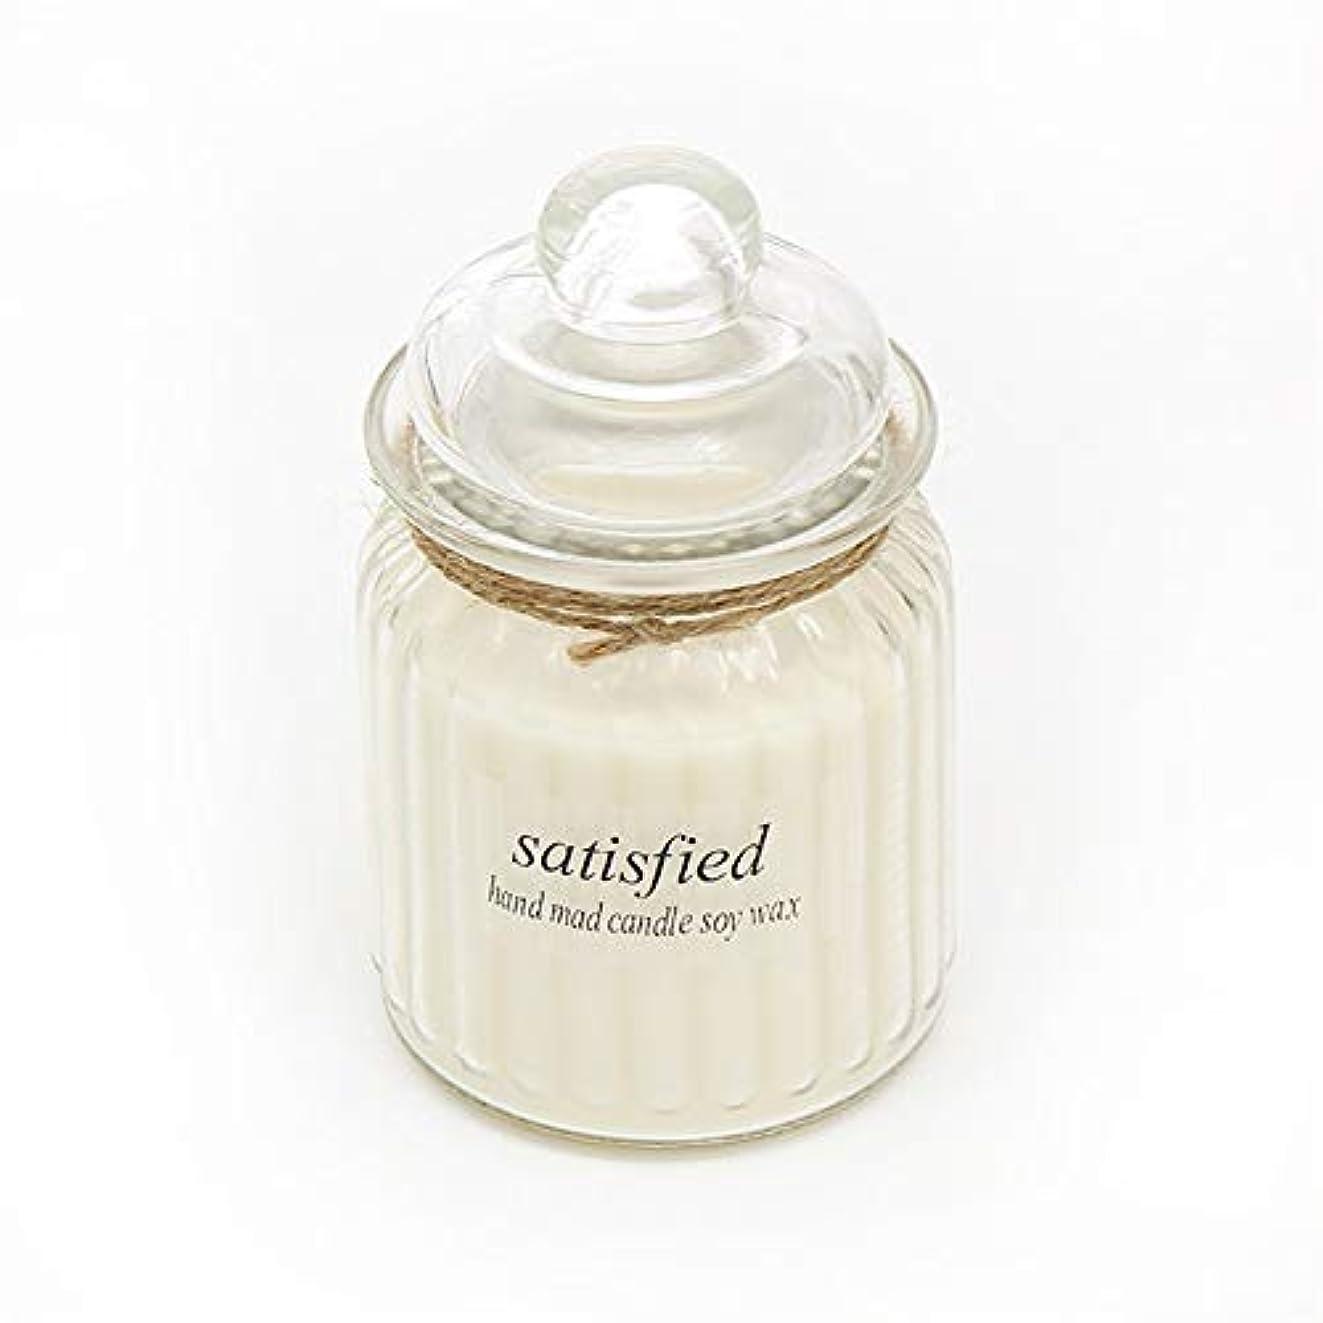 枕洗剤みなすGuomao ガラスアロマセラピーガラス無毒環境にやさしい用品キャンドル長持ちする香り (色 : Citrus)